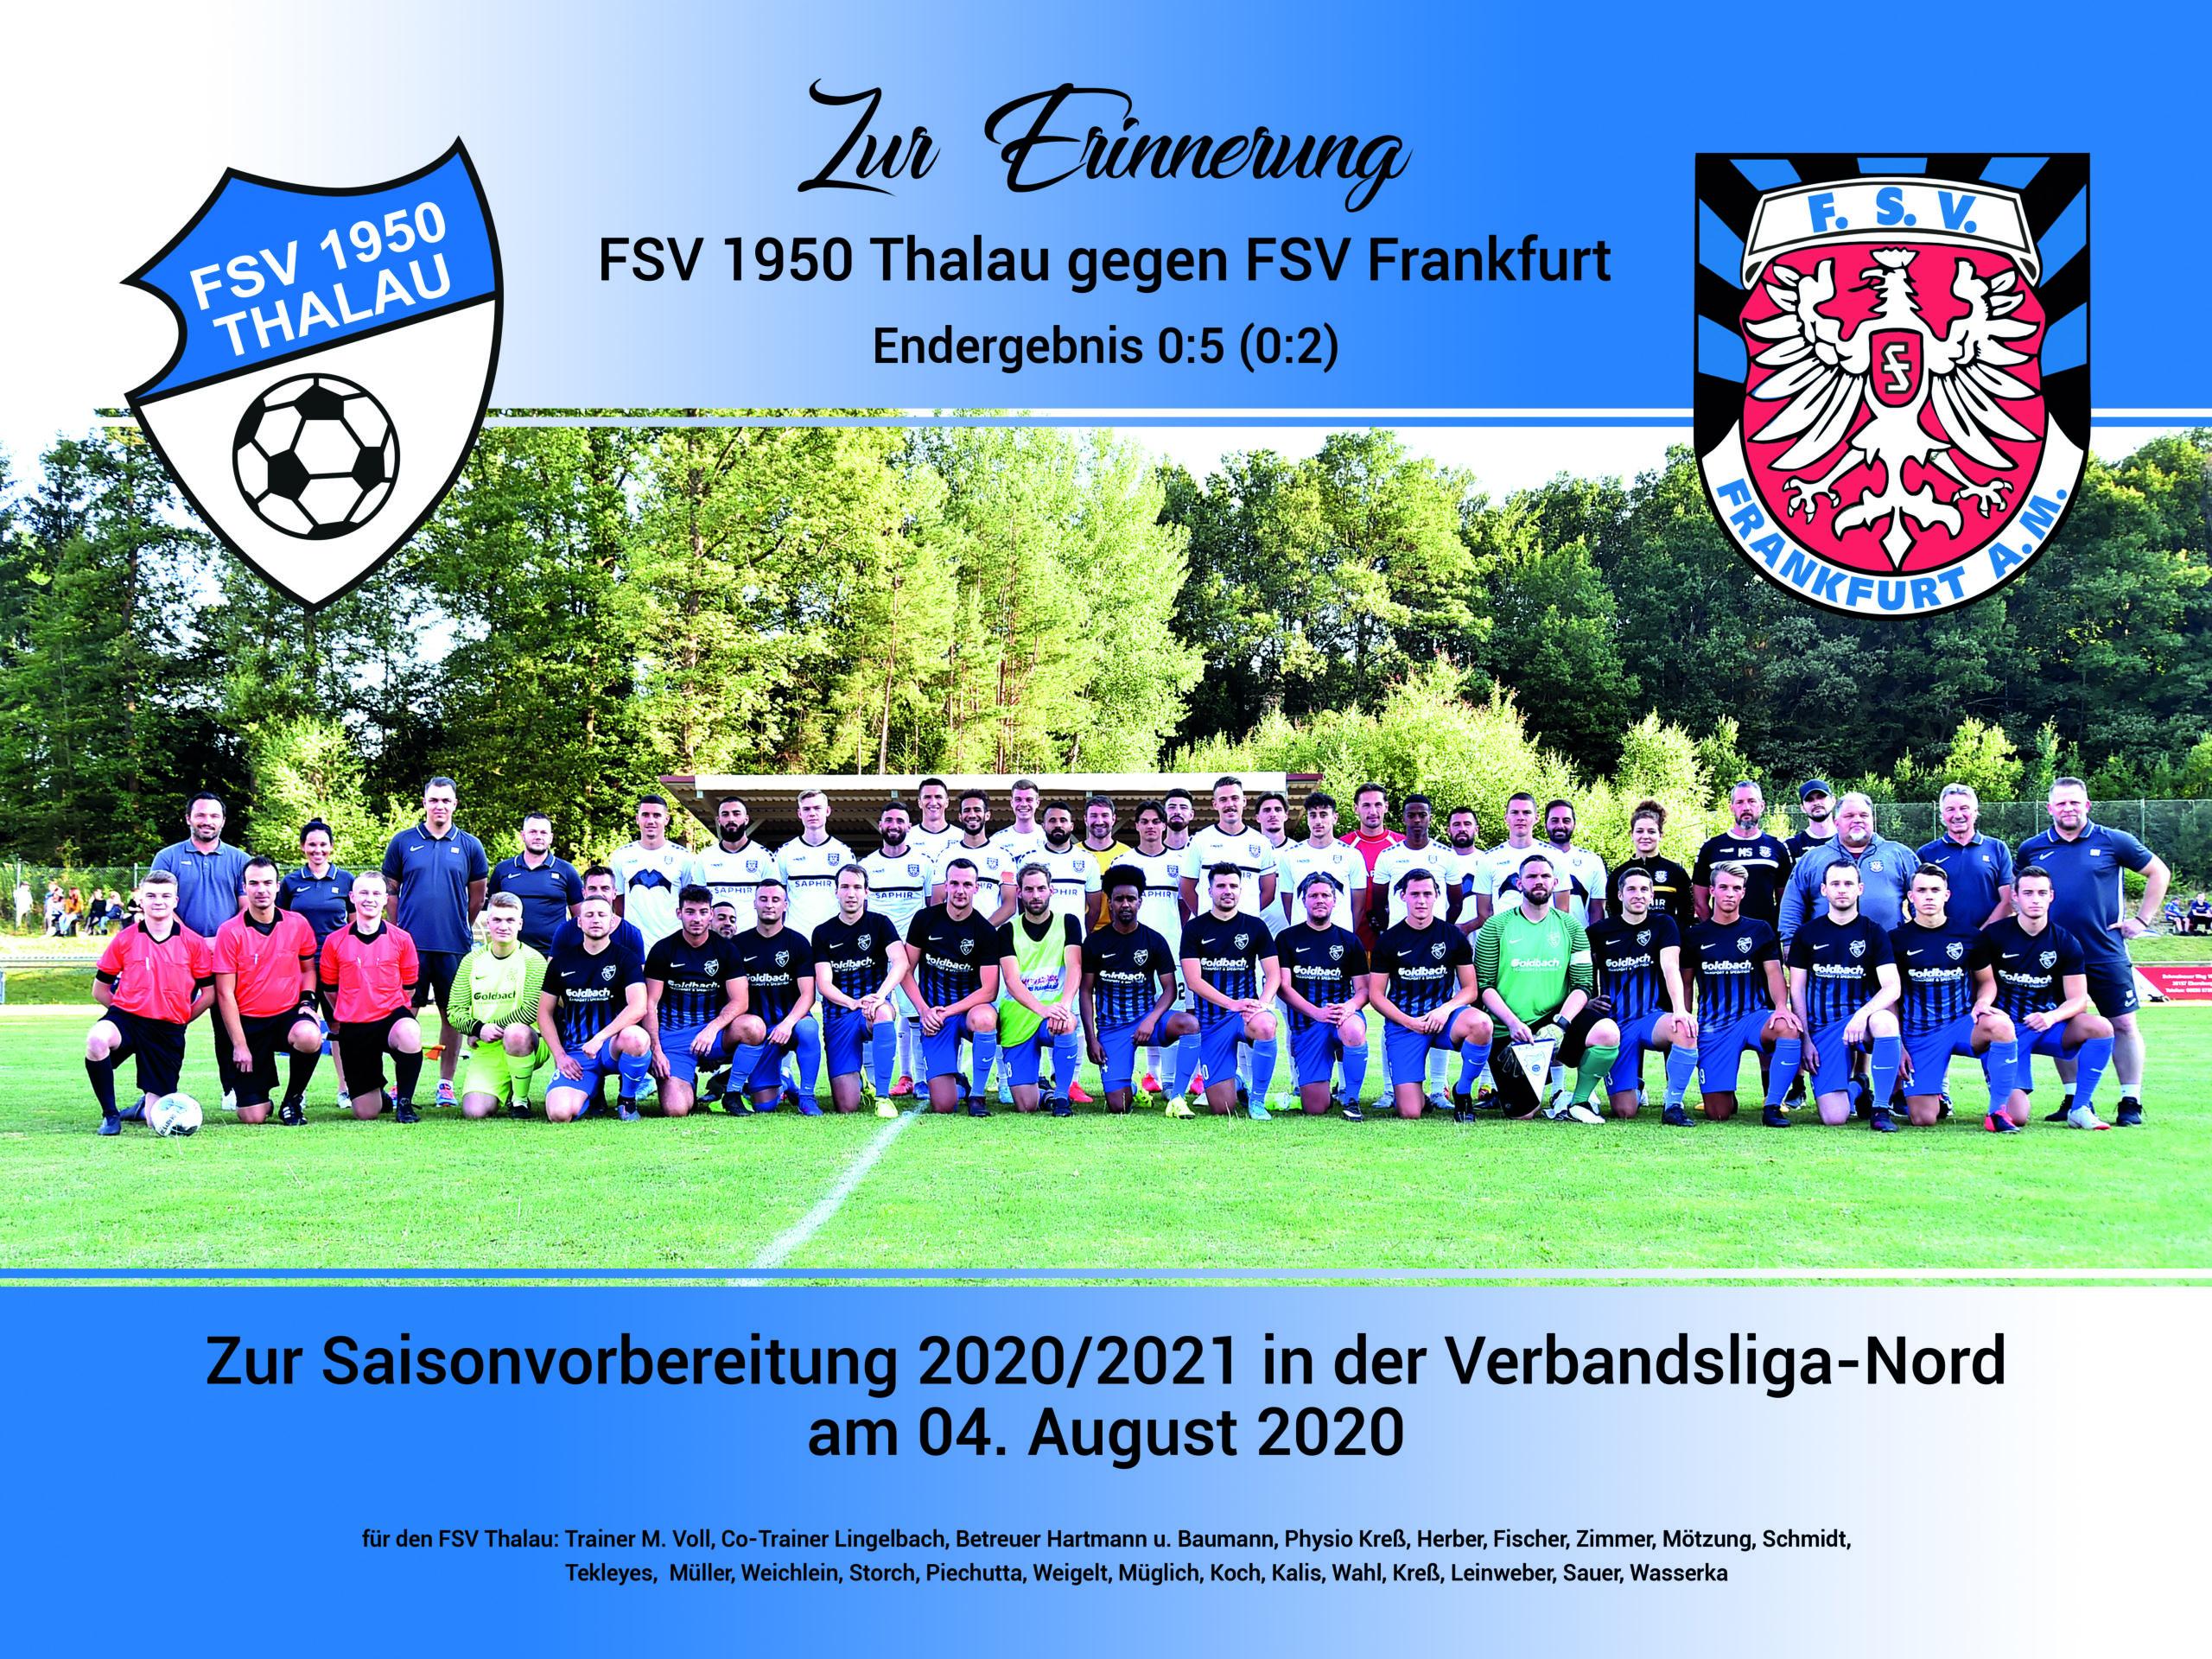 Fußball 2020-2021/Testspiele2020-2021 - Hier: FSV Thalau (blau) - FSV Frankfurt (weiss)